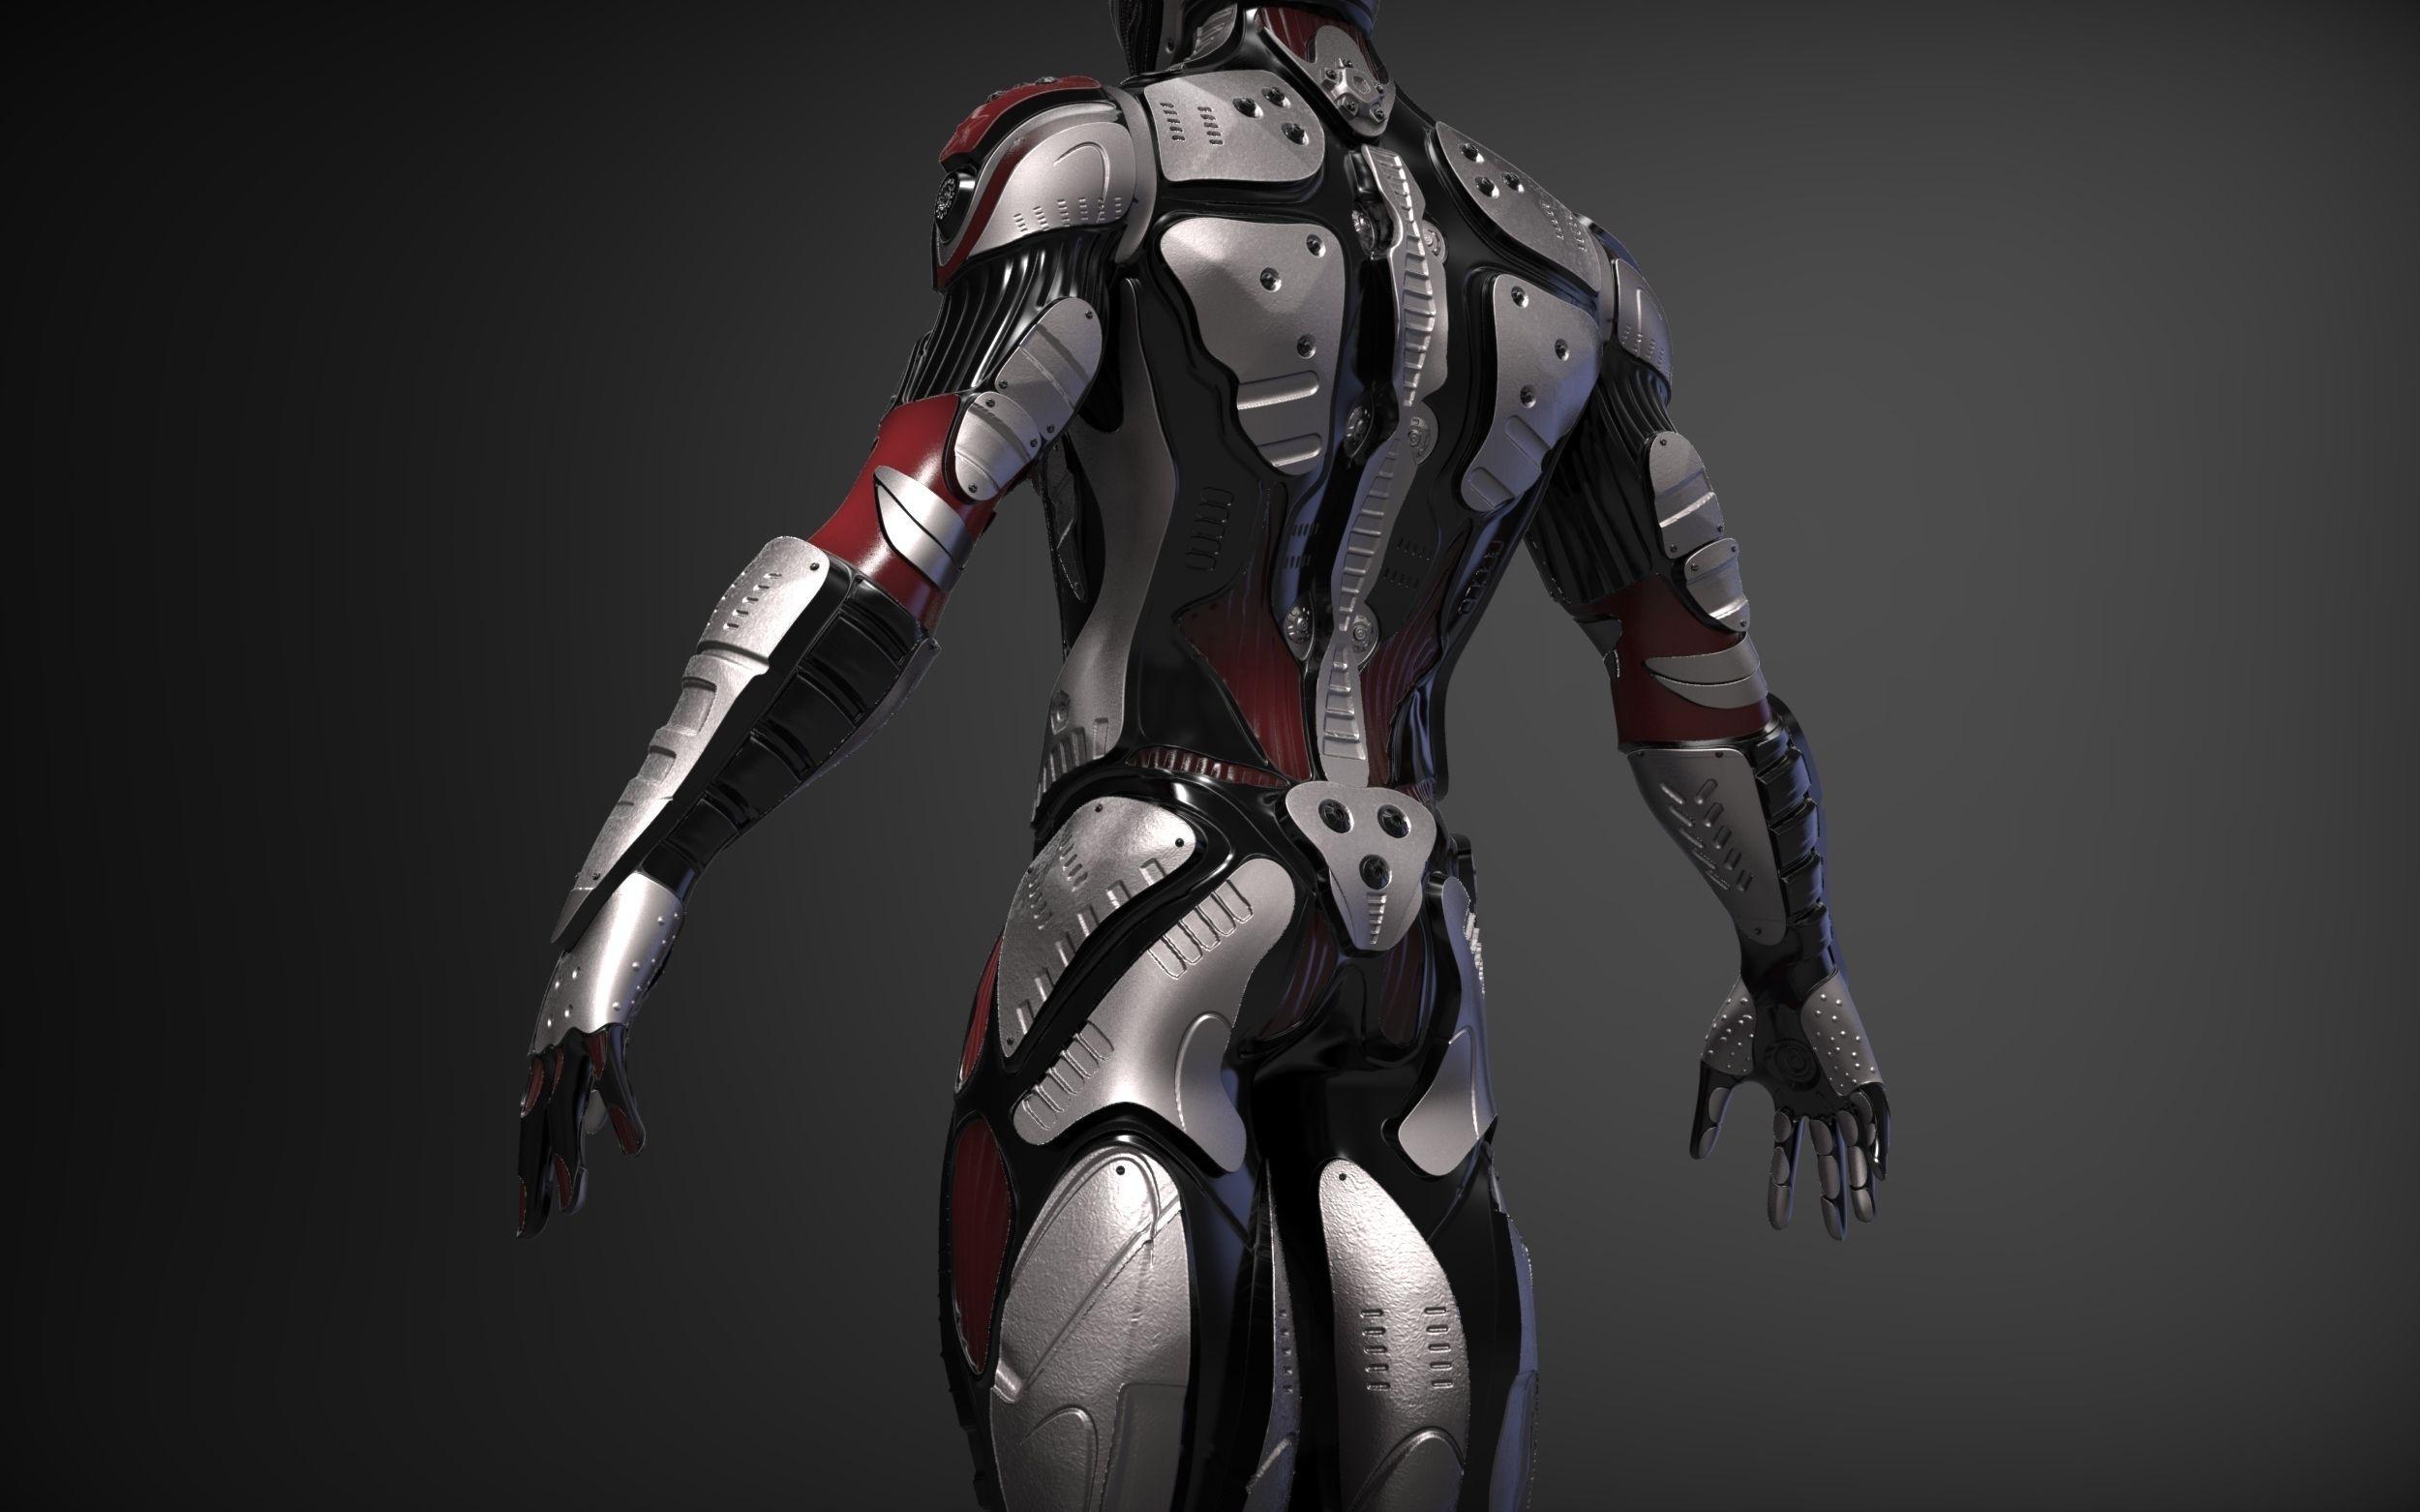 Sci-Fi Character 3D Model OBJ ZTL | CGTrader.com